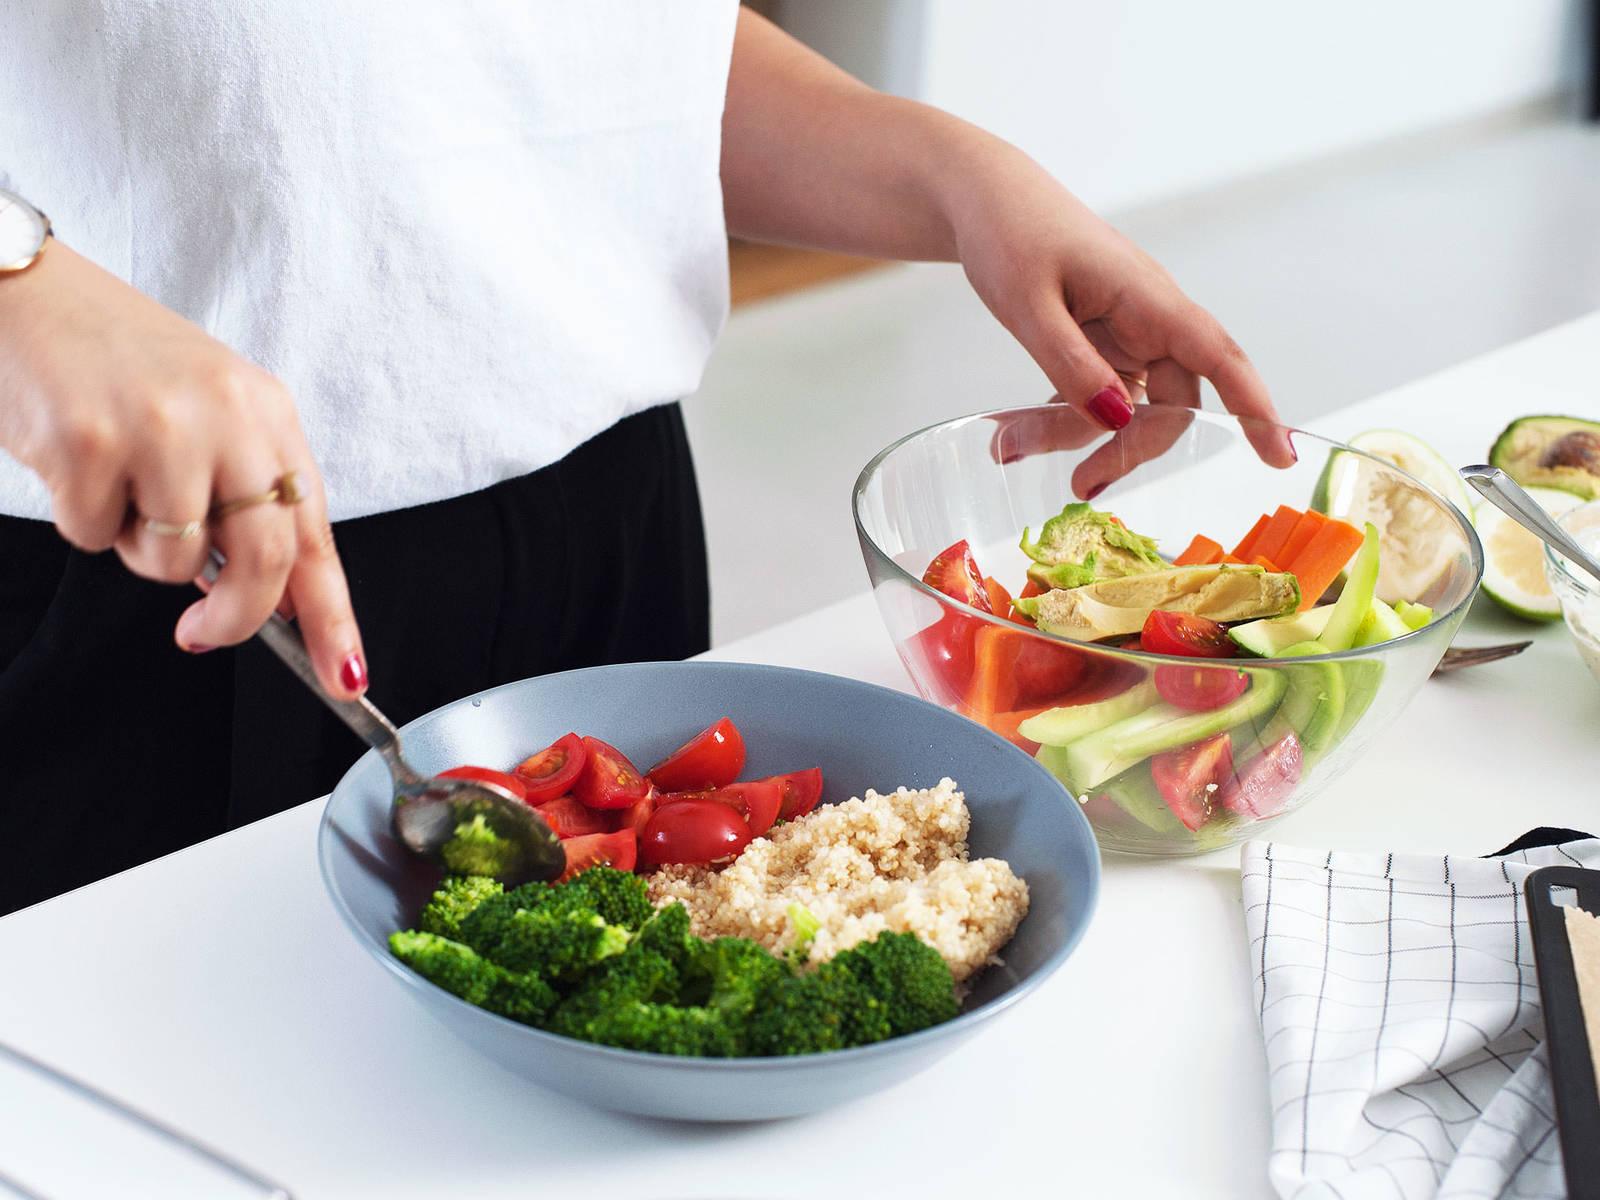 将藜麦放入上菜碗中,再放入准备好的水果和蔬菜。淋上奶酪混合物和柠檬汁。尽情享用吧!